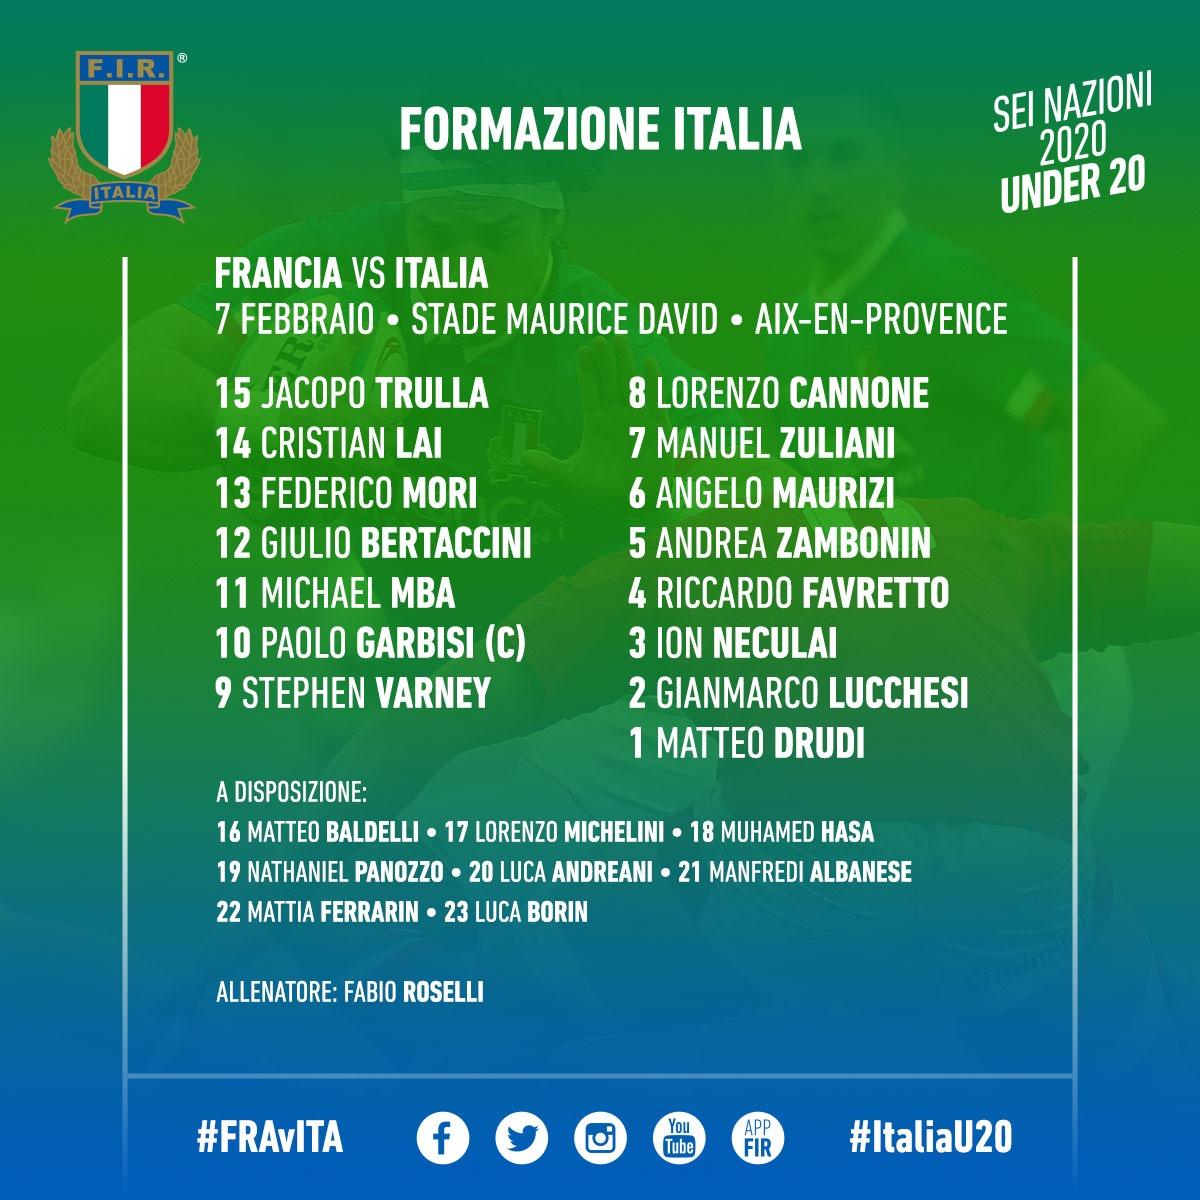 formazione italia u20 francia 2020